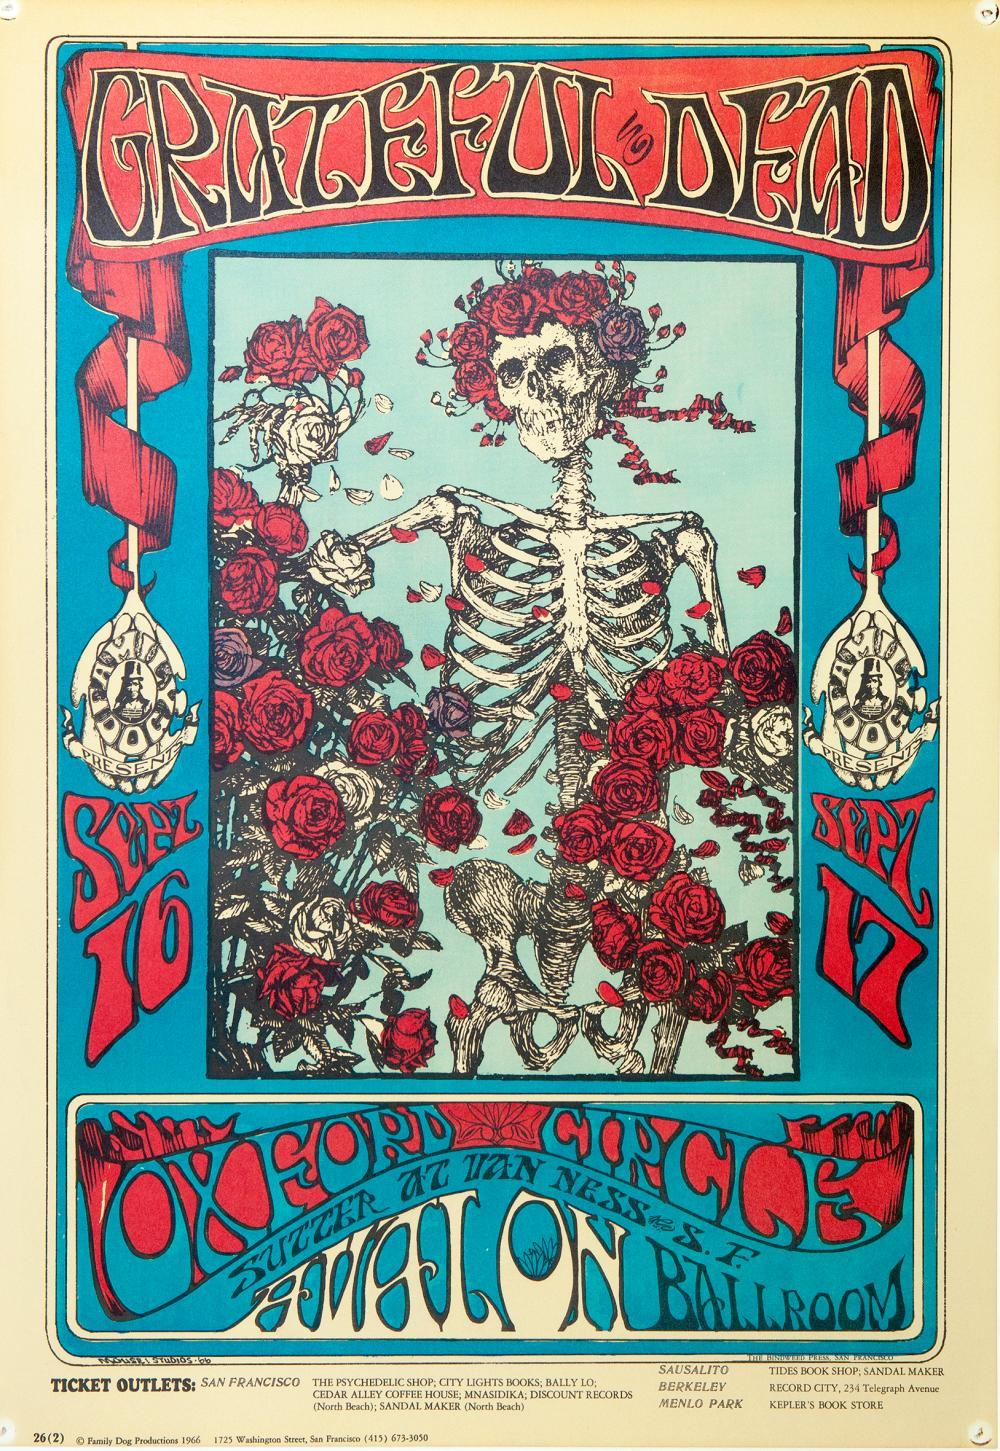 """GRATEFUL DEAD. Oxford Circle, Avalon Ballroom, San Francisco. Sept. 16-17"""". San Francisco"""